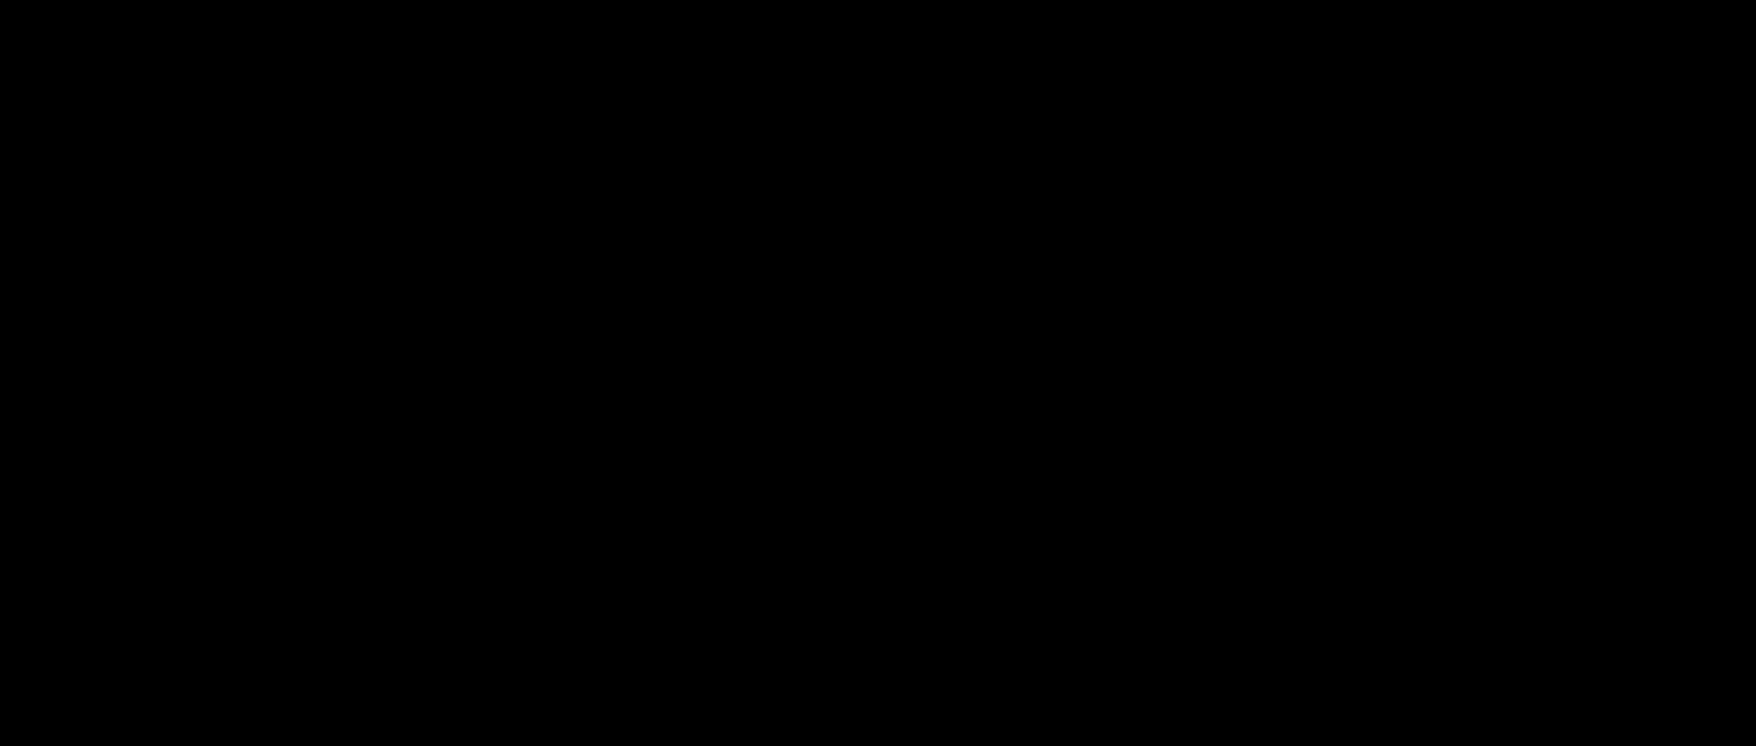 N-Feruloyl-d<sub>3</sub>-4,5-dihydroxyanthranilic acid